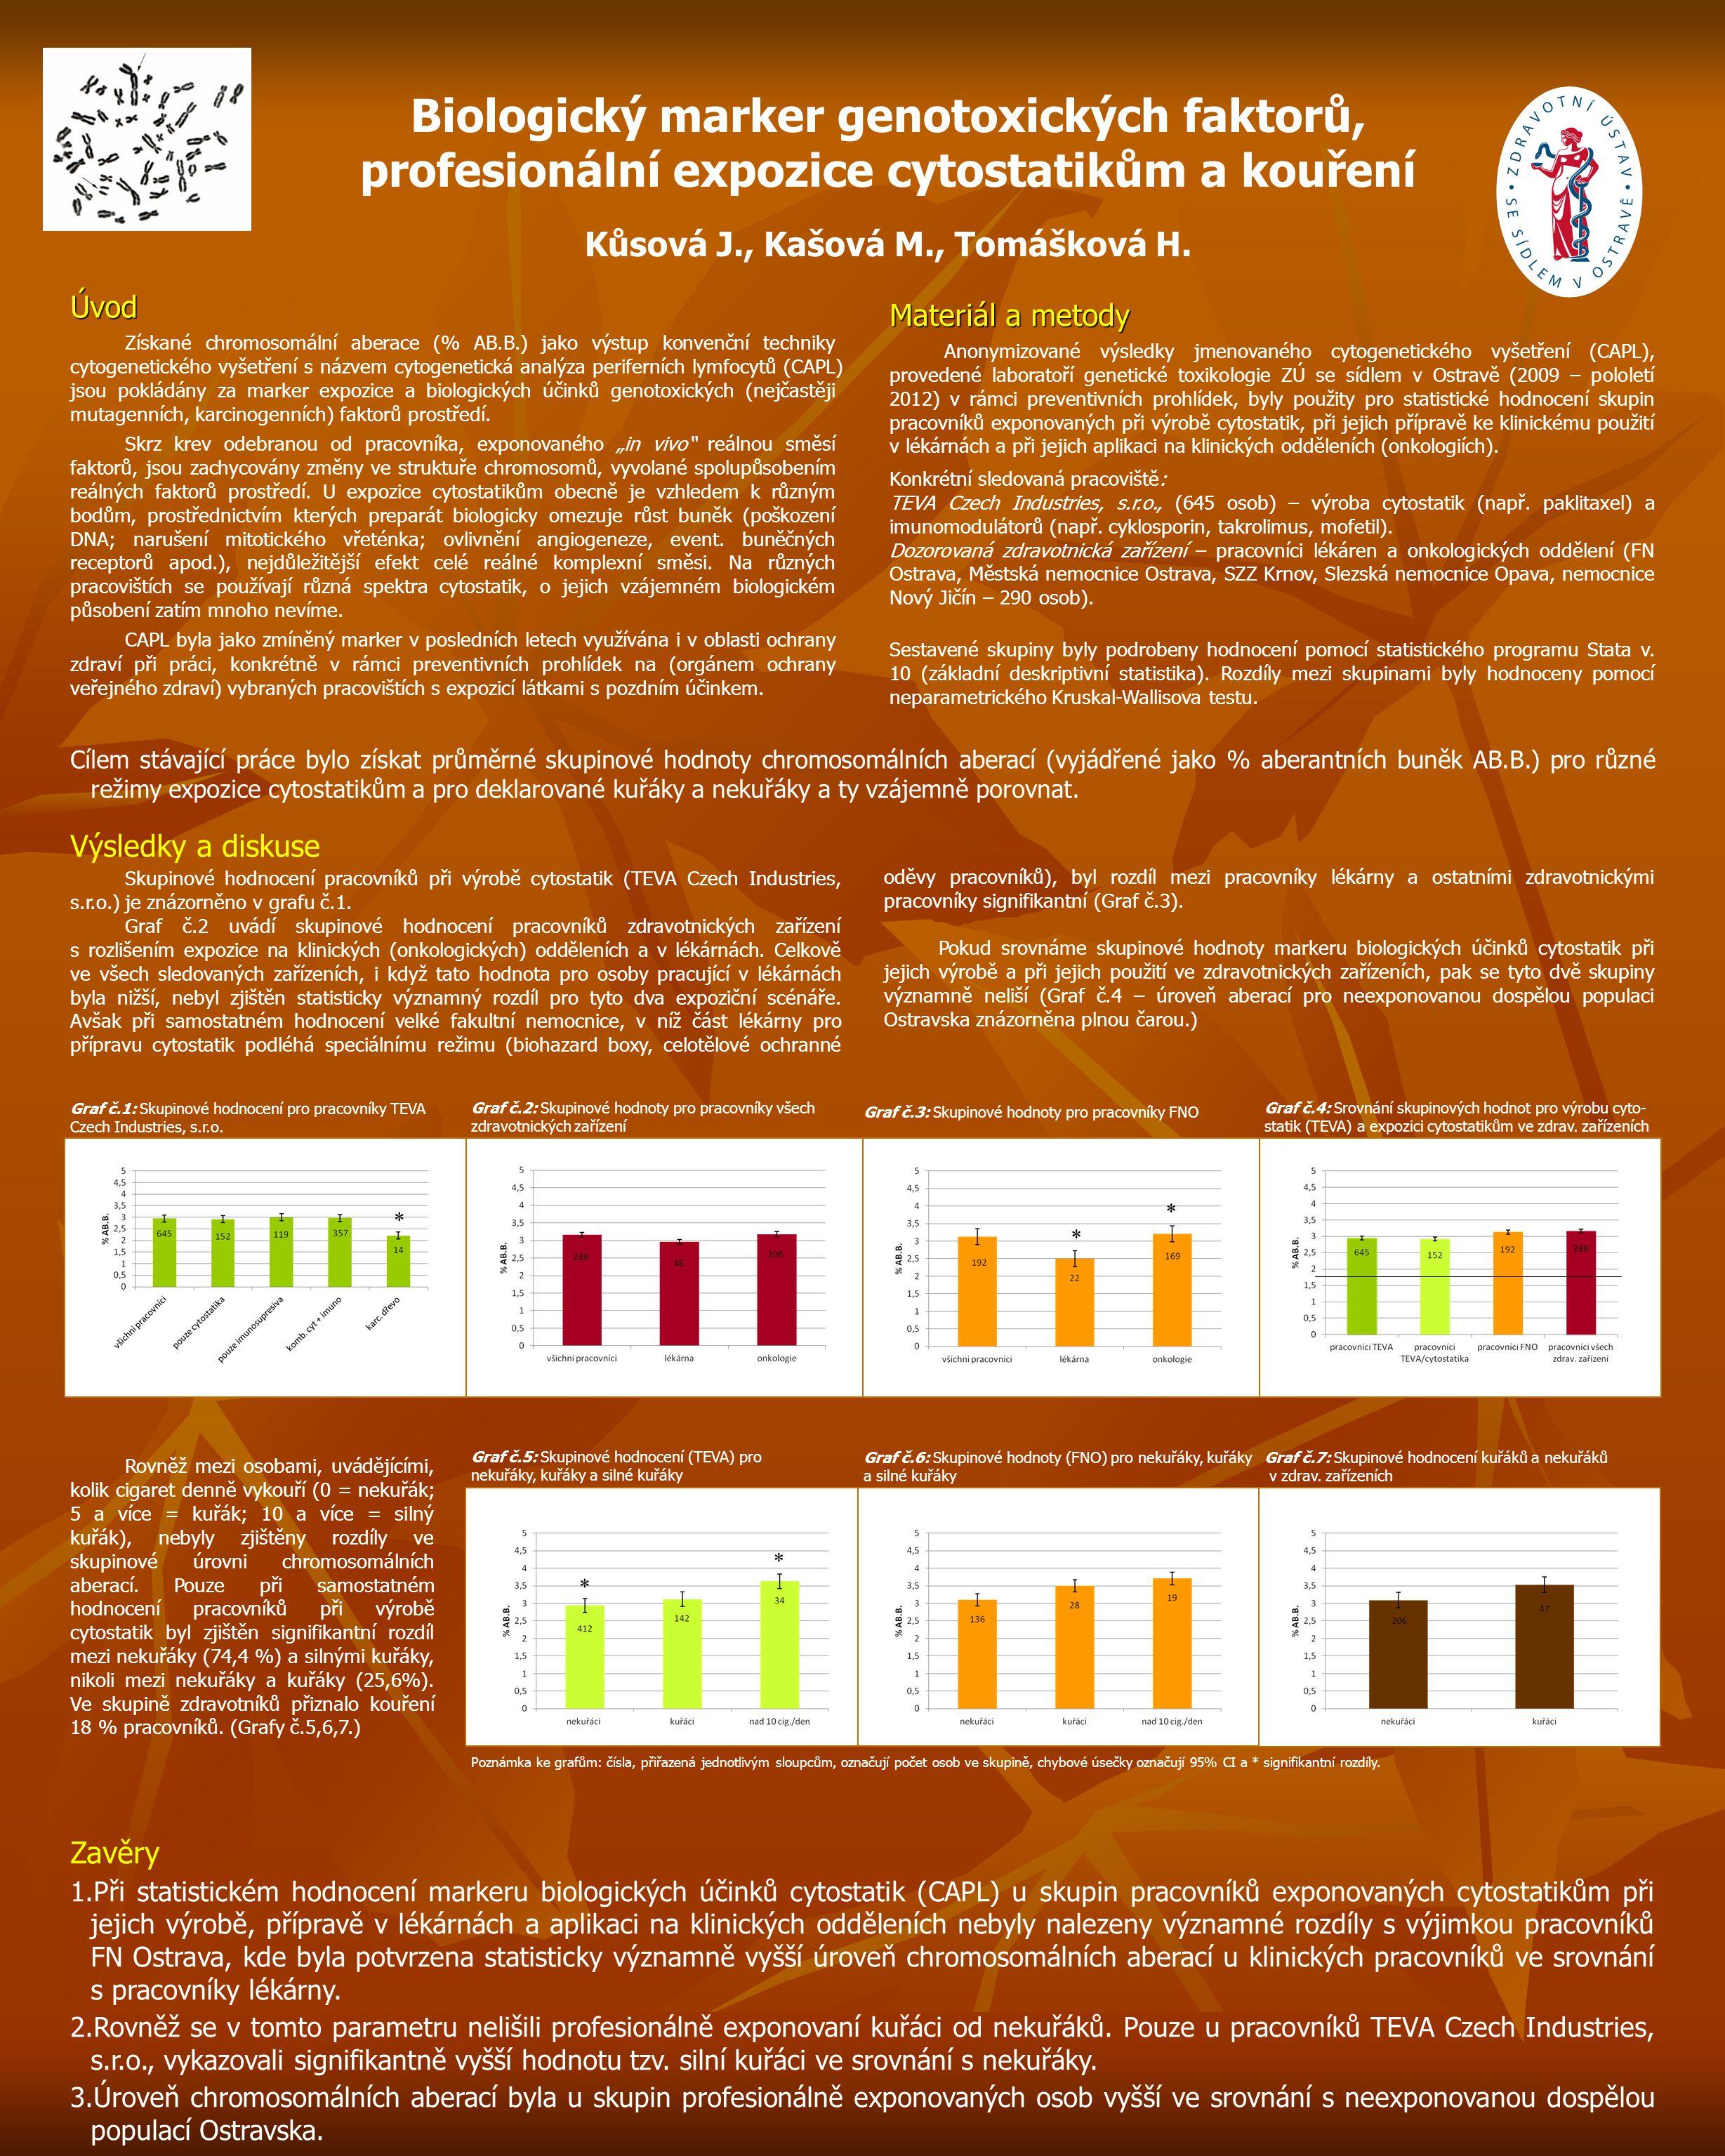 Biologický marker genotoxických faktorů, profesionální expozice cytostatikům a kouření Kůsová J., Kašová M., Tomášková H. Úvod Získané chromosomální a